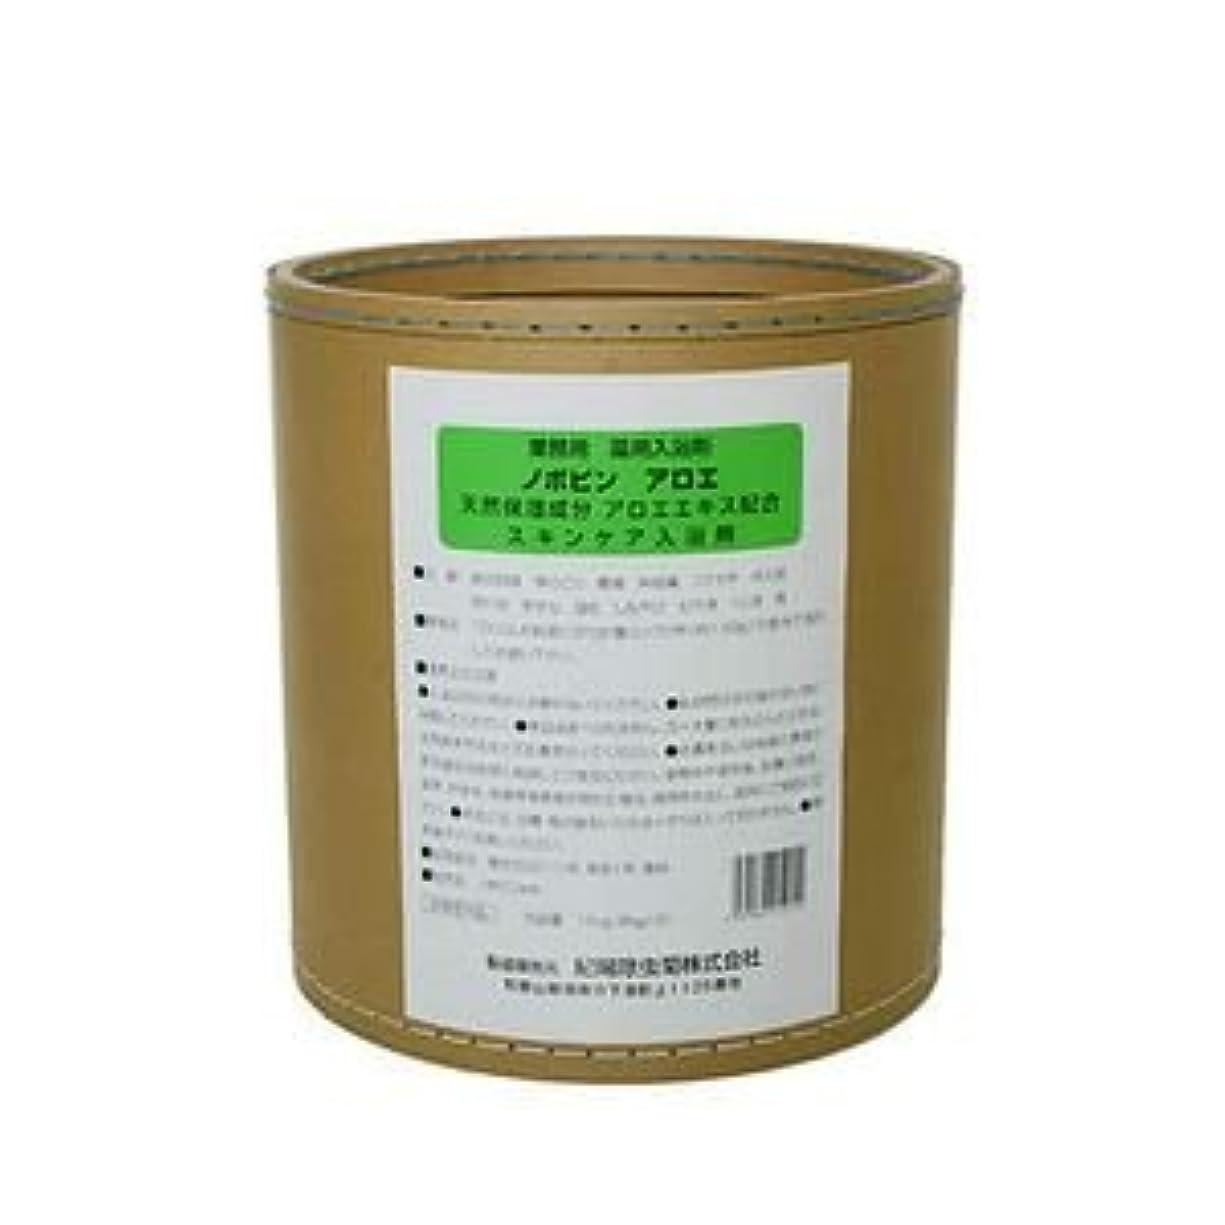 義務さまようインレイ業務用 バス 入浴剤 ノボピン アロエ 16kg(8kg+2)